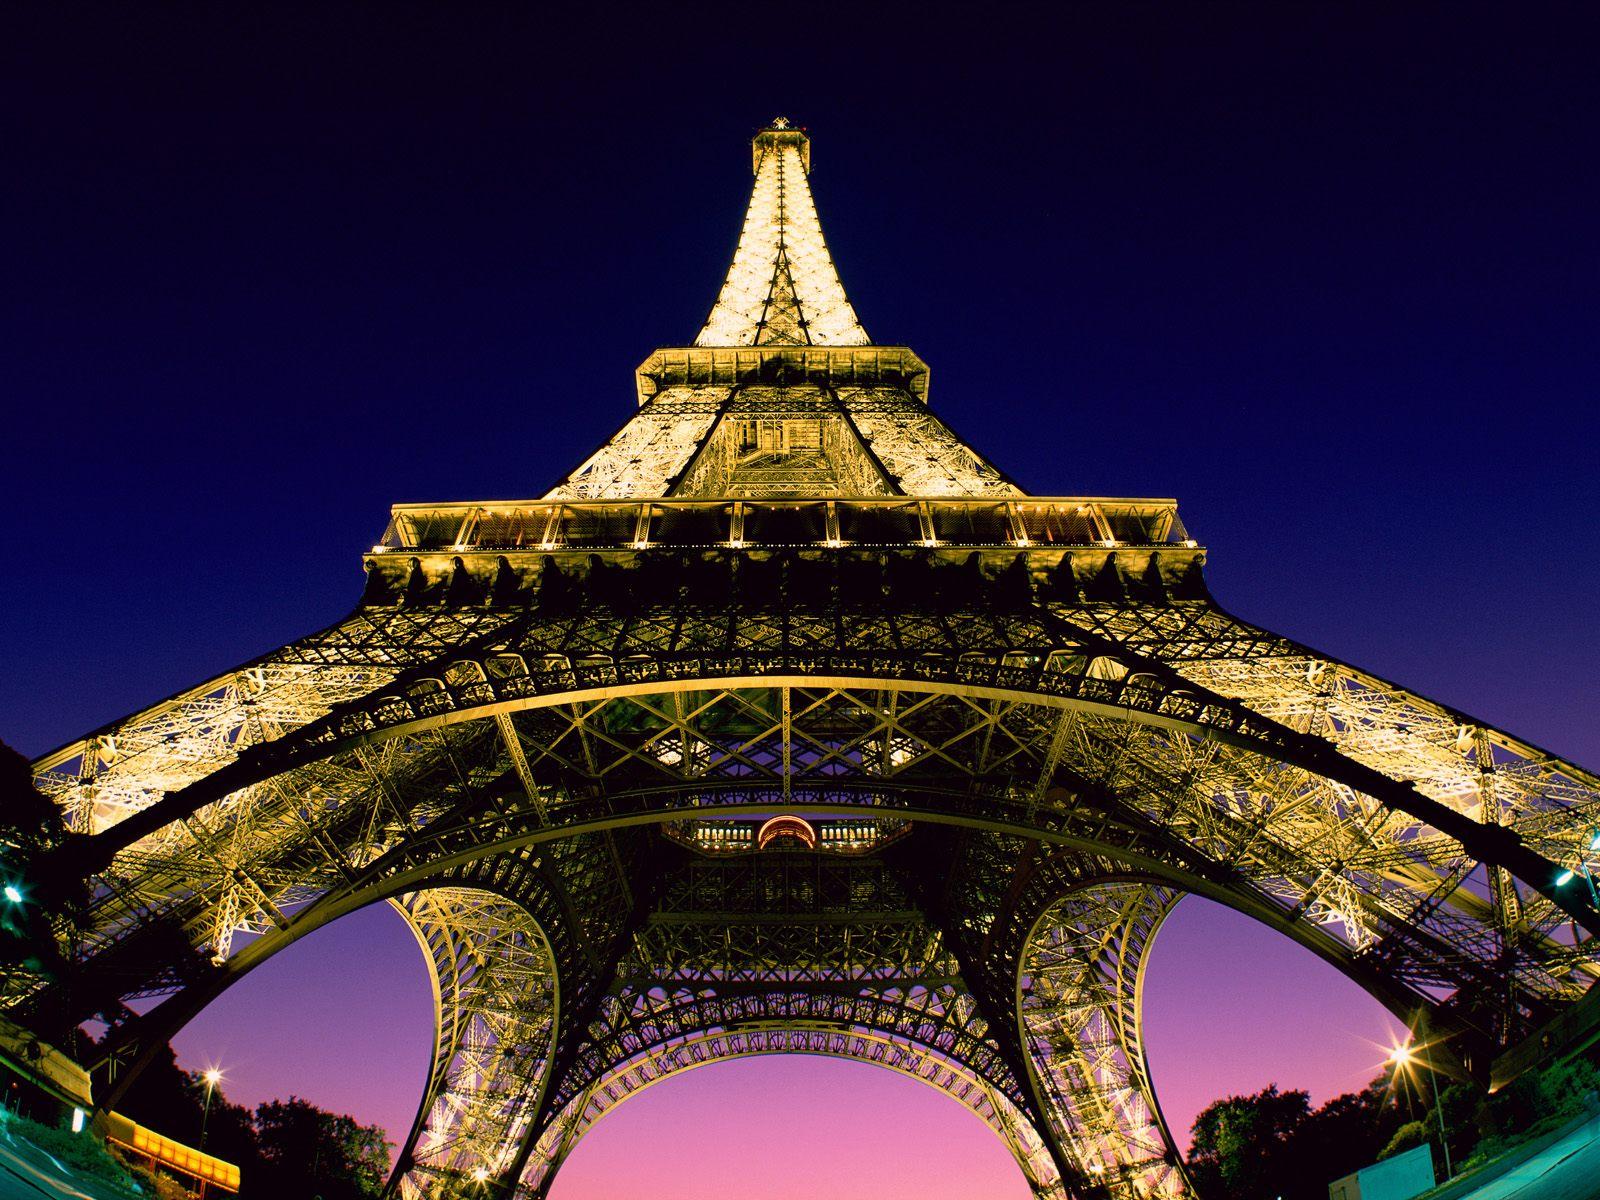 Les français en tête suivis des touristes étrangers